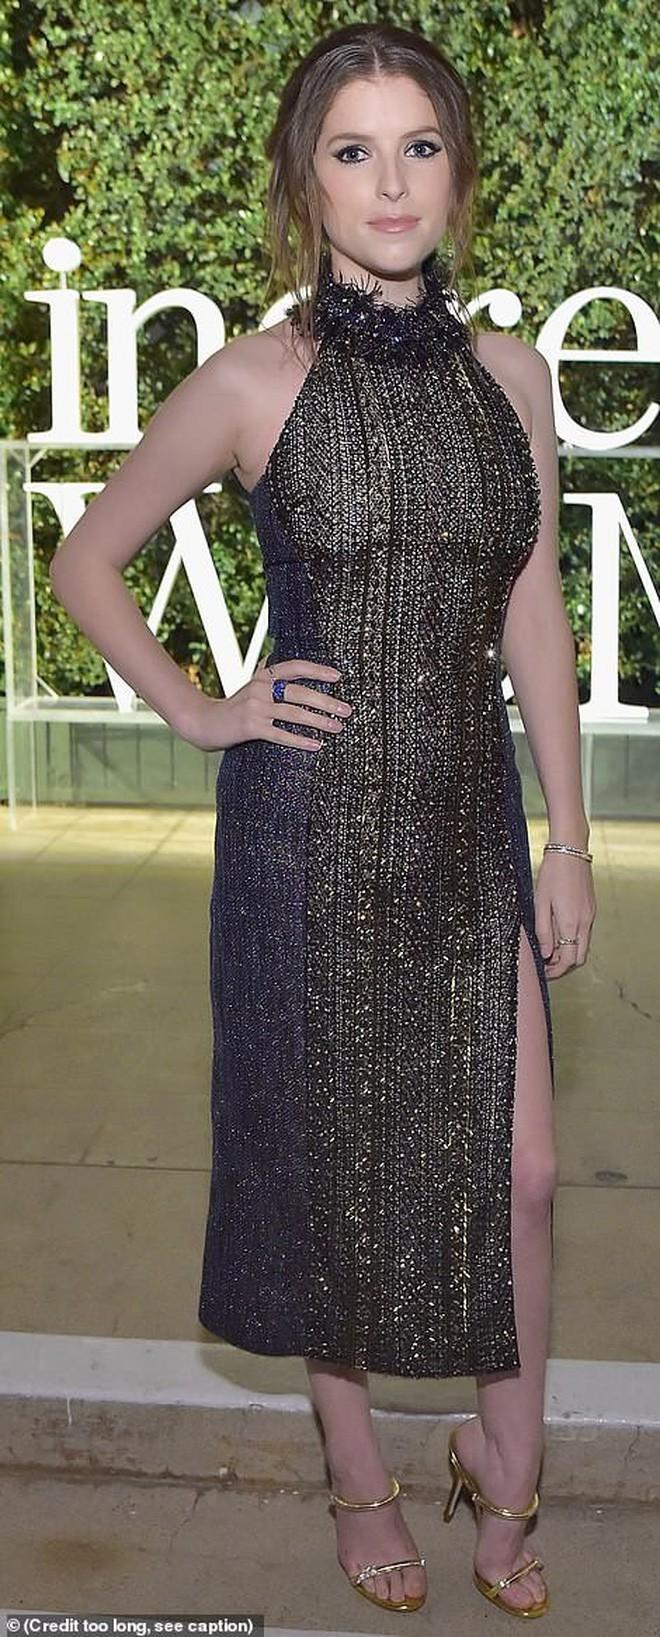 Đêm tiệc trở thành đấu trường nhan sắc: Miranda Kerr, Amber Heard đến Charlize Theron đều đẹp hết phần người khác - Ảnh 13.